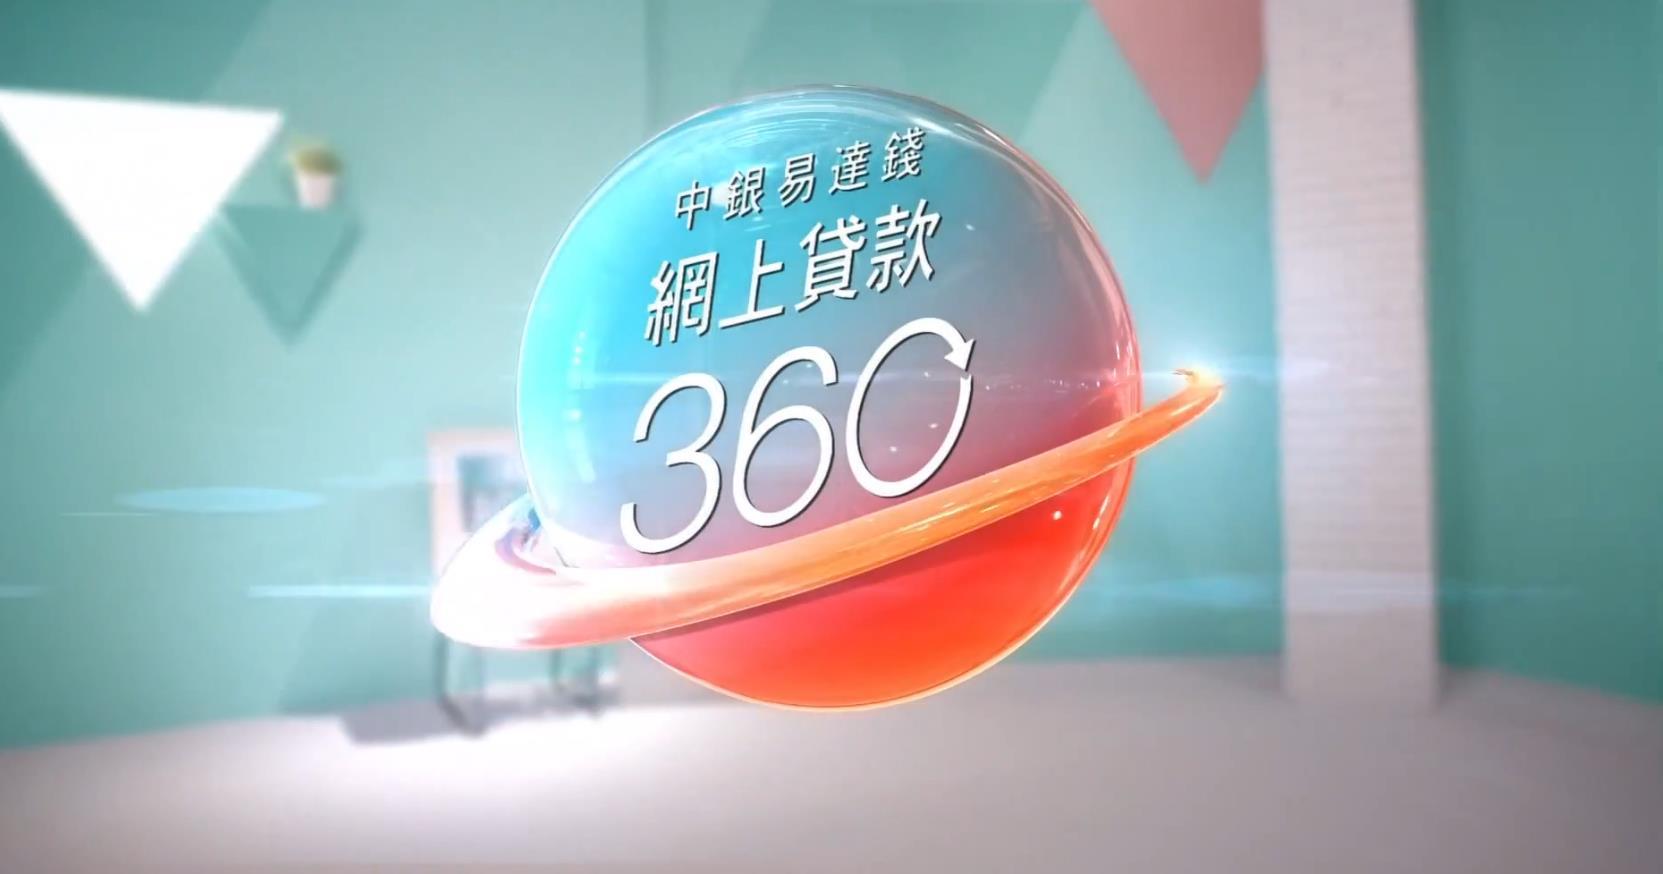 中银易达钱网上贷款 广告